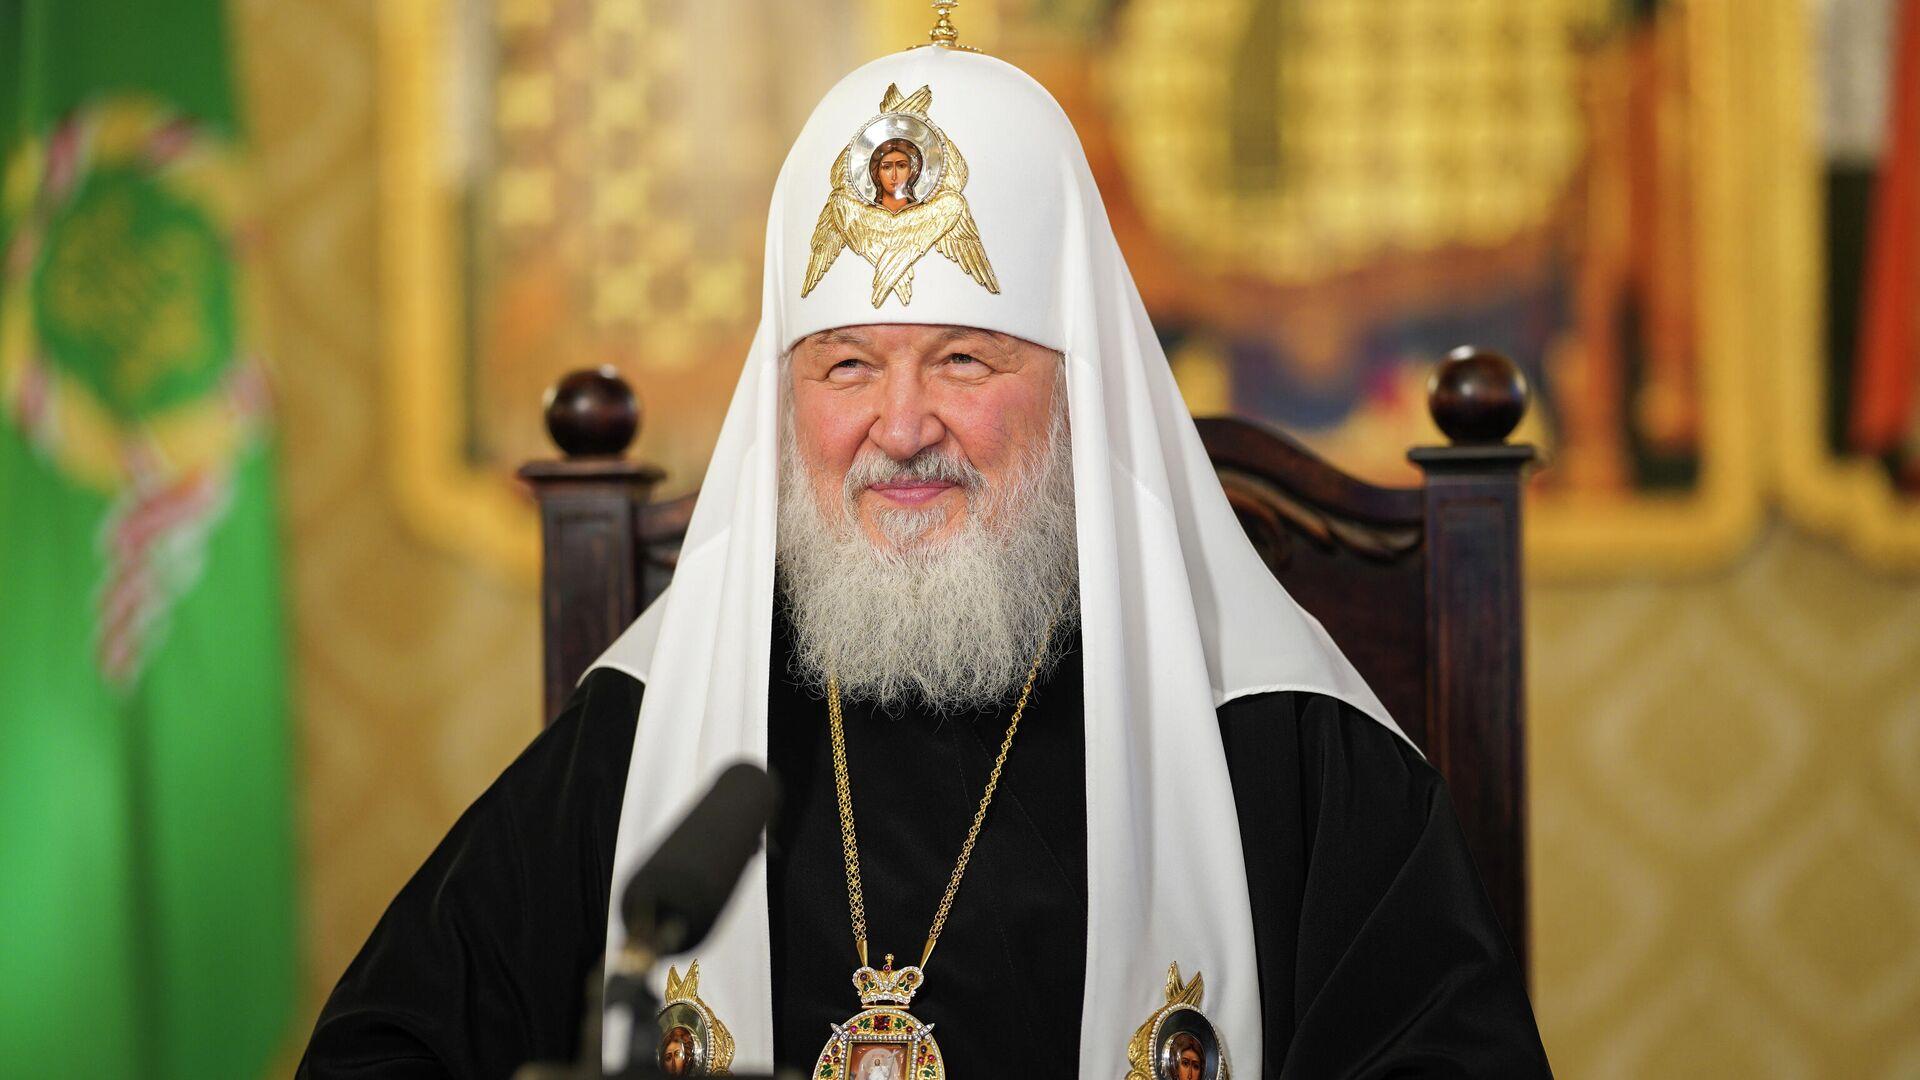 Патриарх Кирилл призвал не прекращать посещать храмы из-за COVID-19